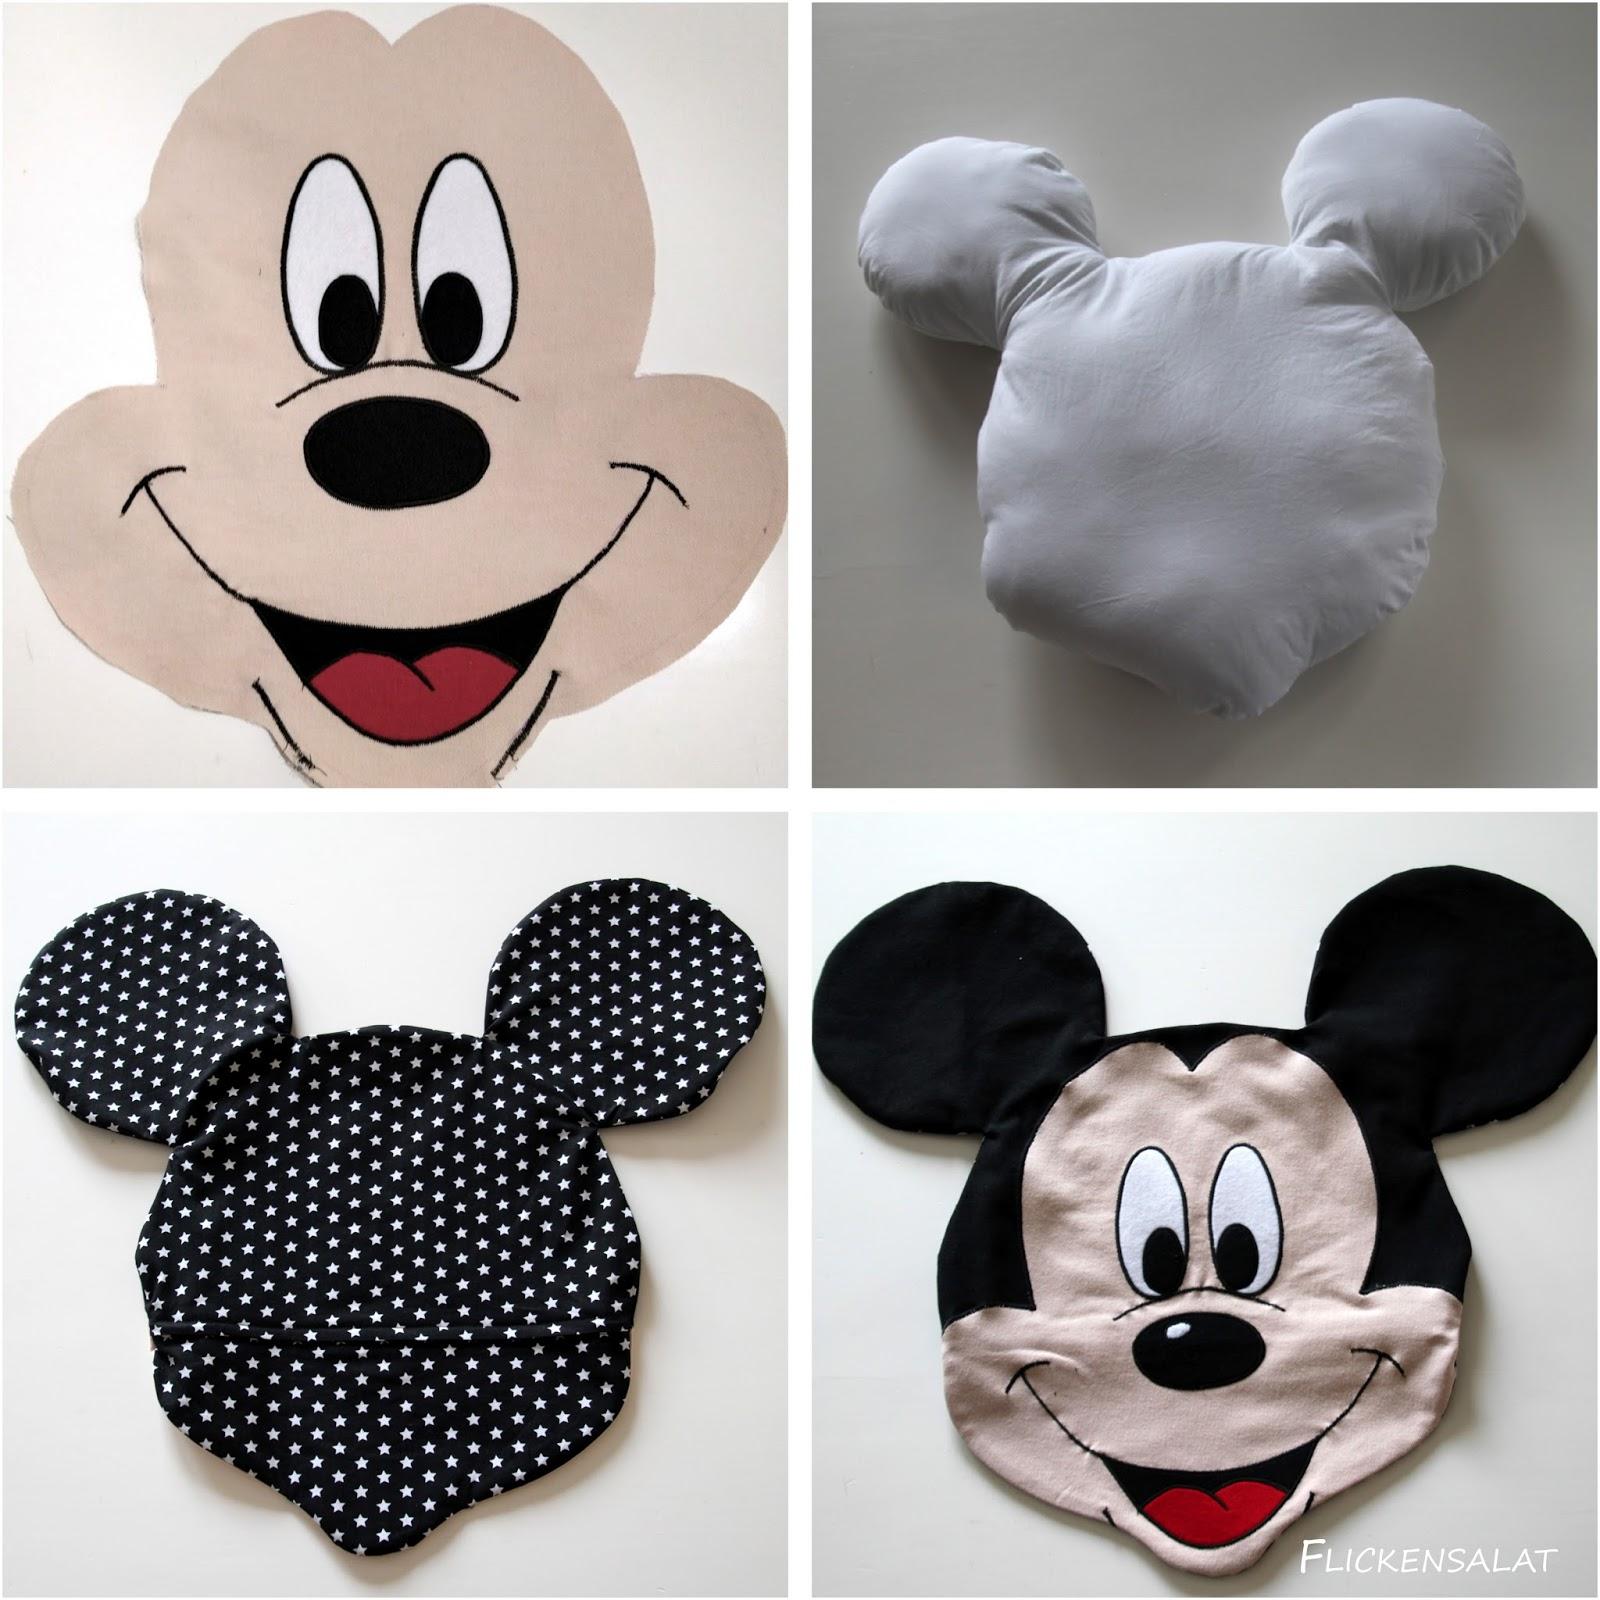 Flickensalat: Ein Micky Maus Kissen für den Enkelprinzen